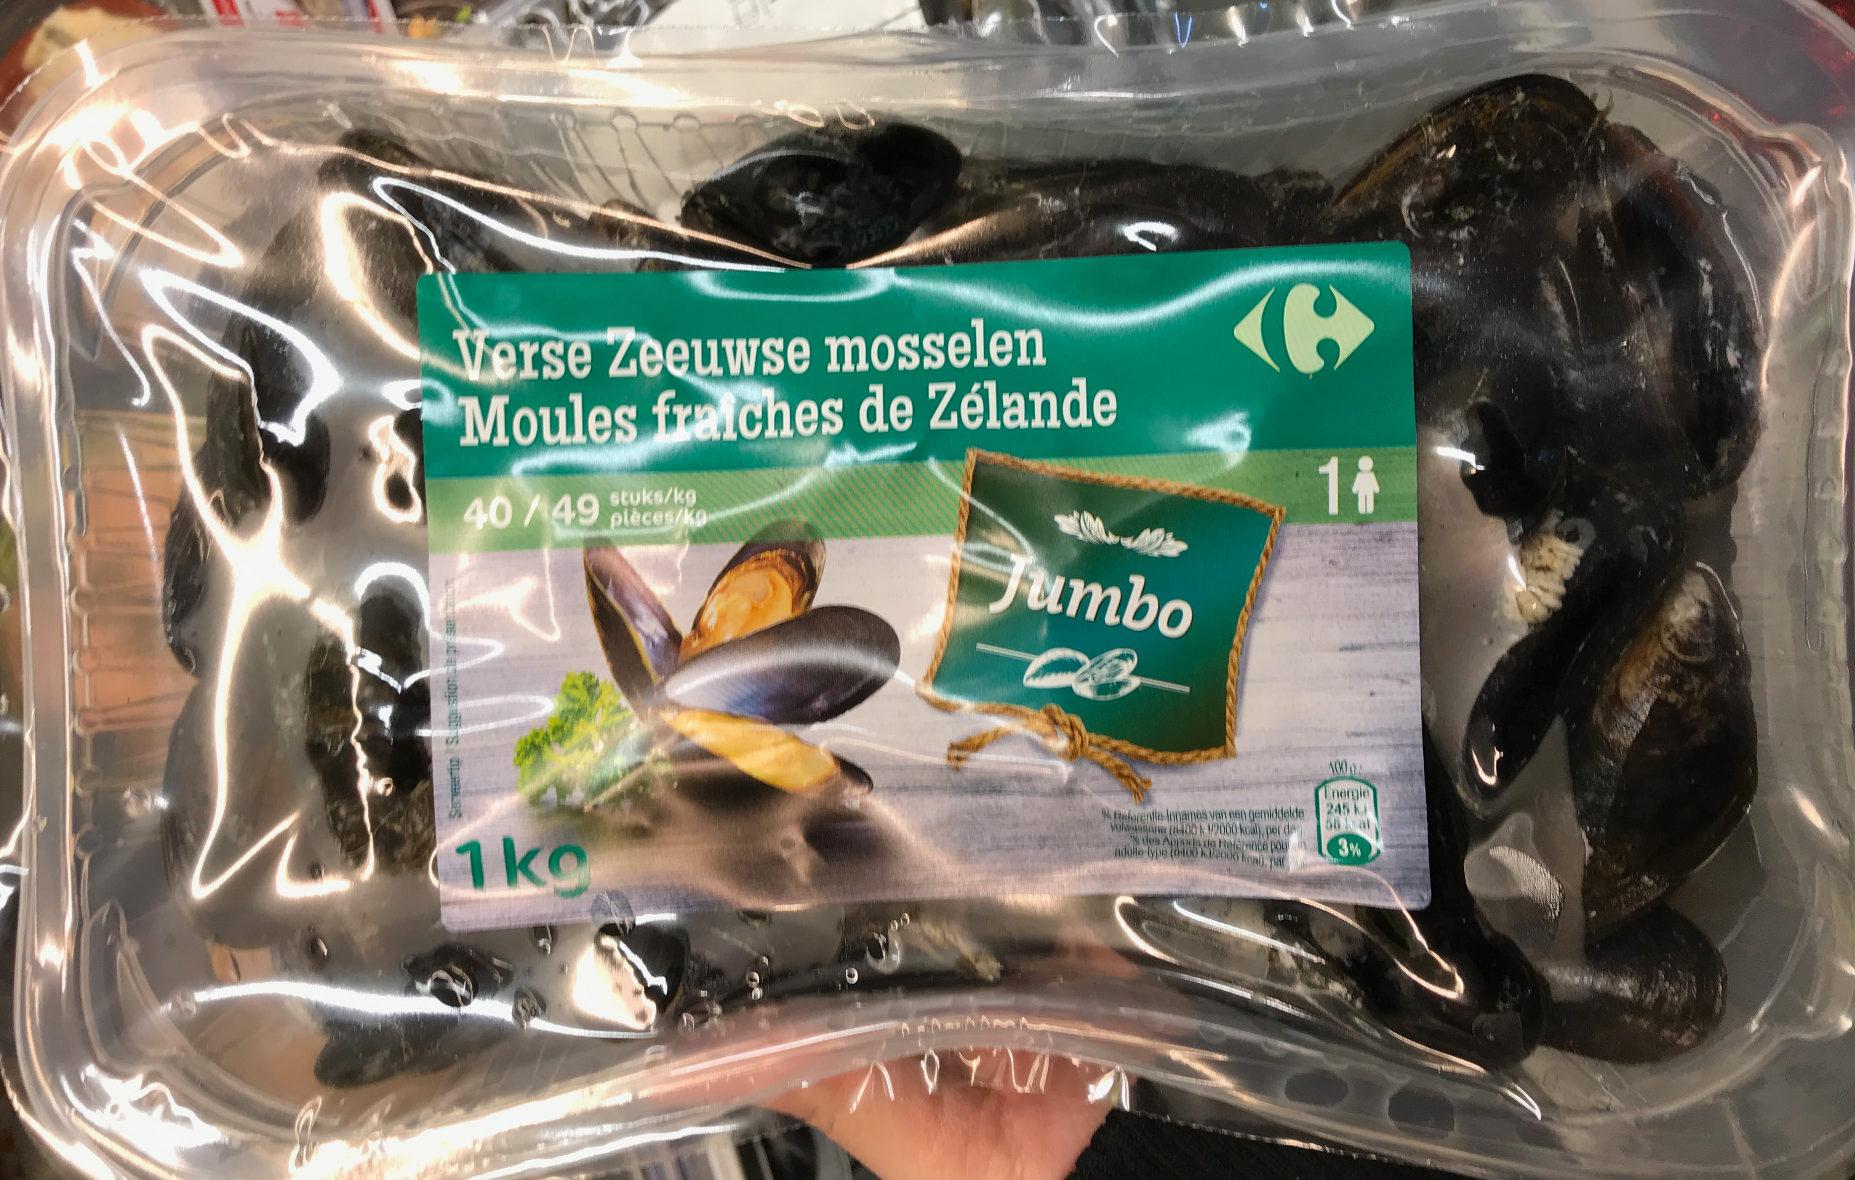 Moules fraîches de Zélande Jumbo - Produit